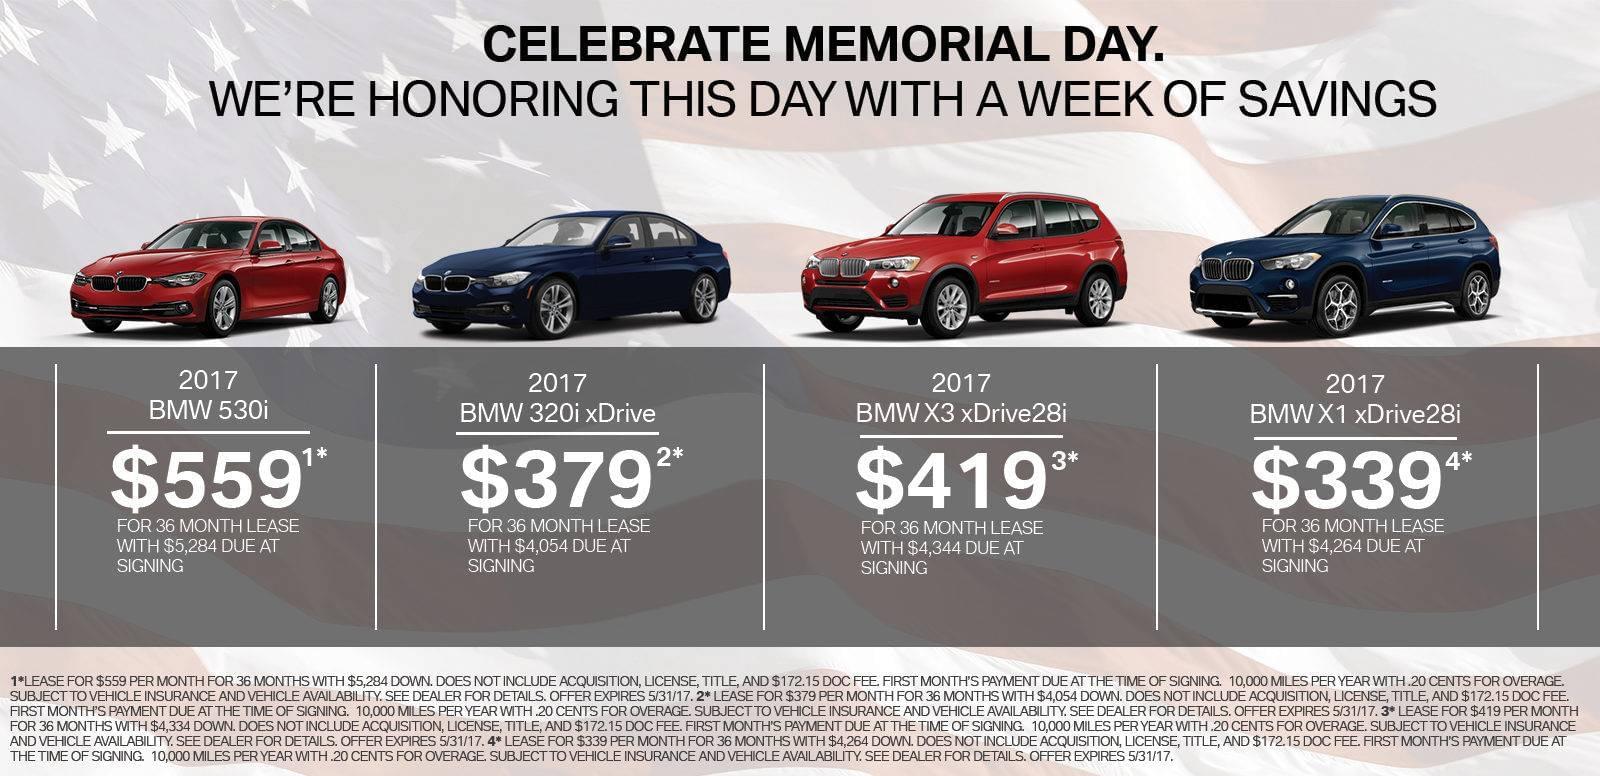 052417_BMW_MemorialDay